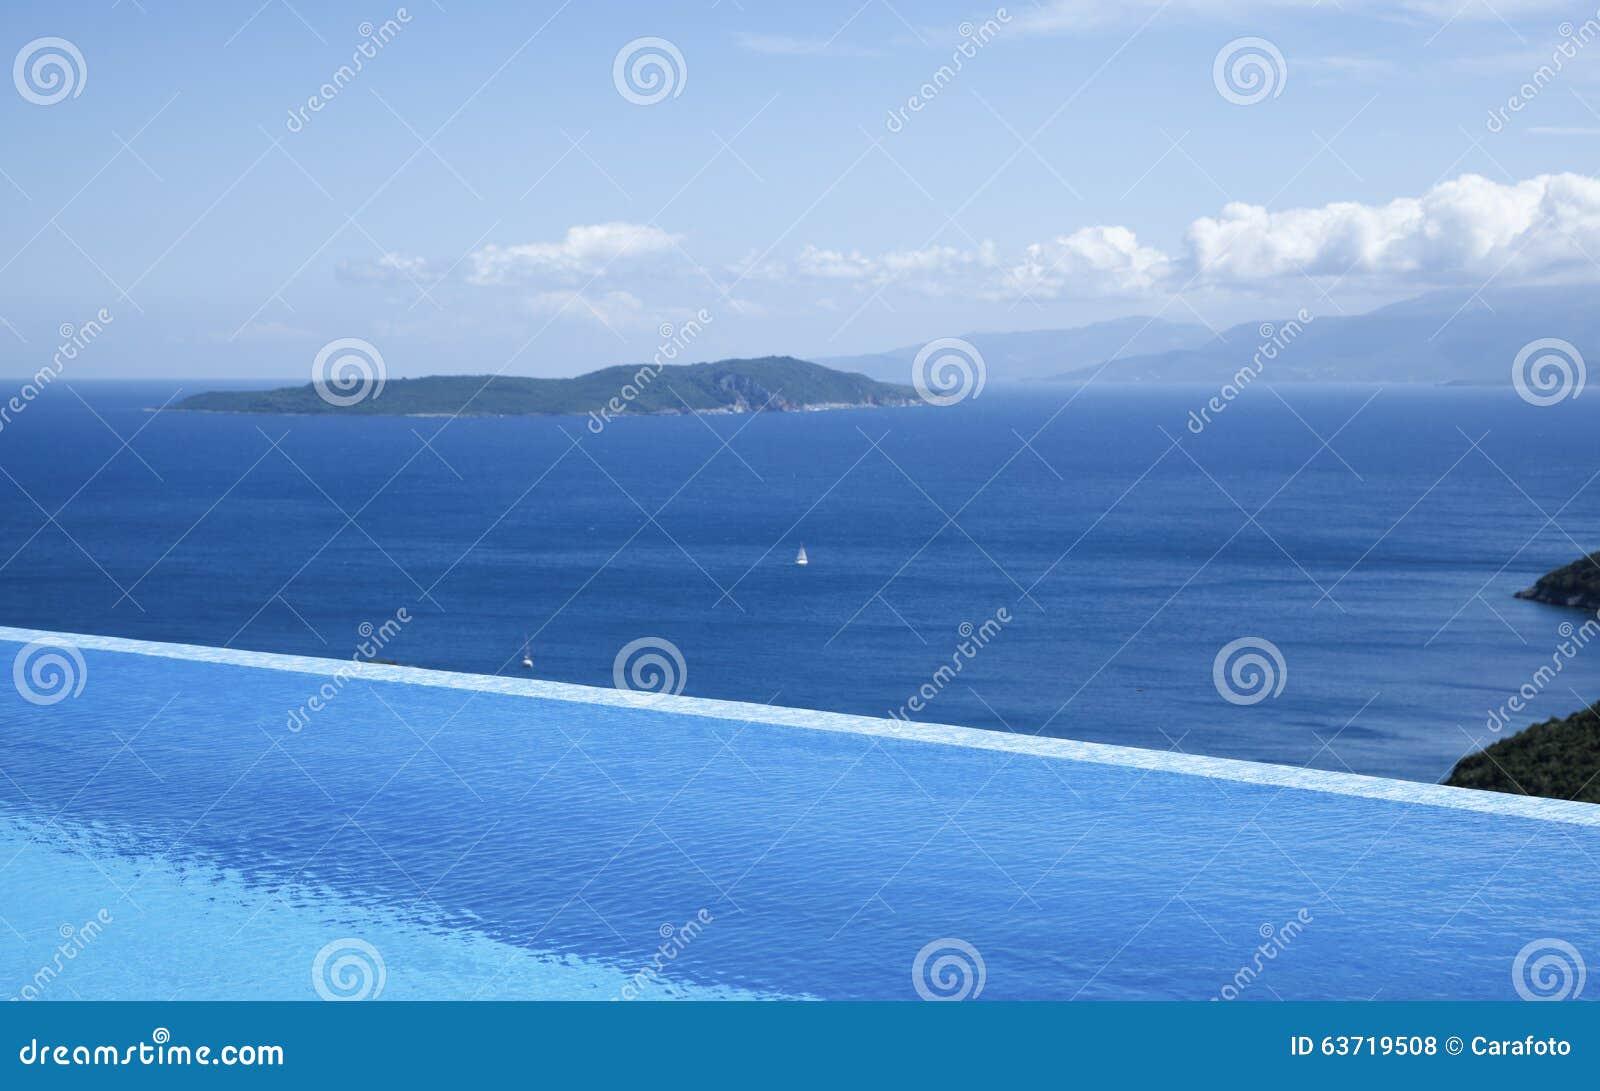 Όμορφες απόψεις της λίμνης απείρου θαλασσίως